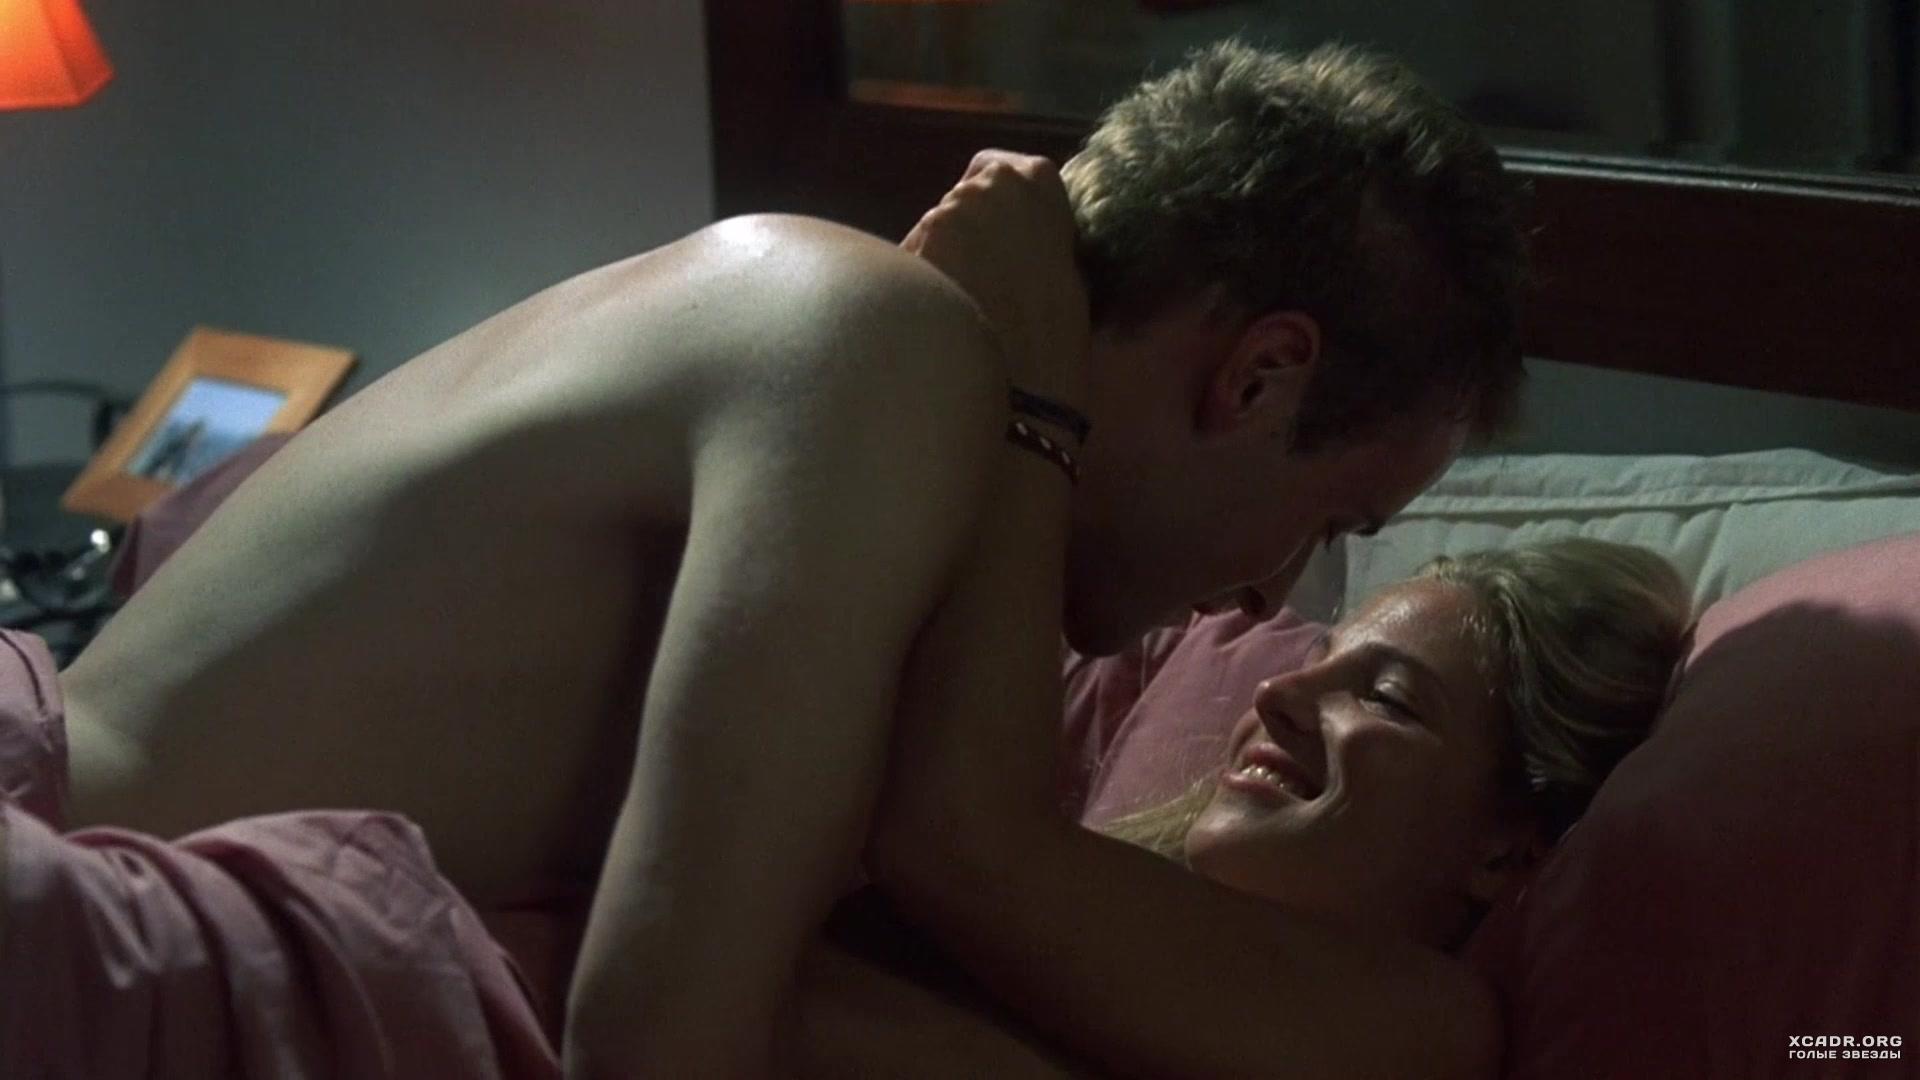 znamenitosti-v-seks-stsenah